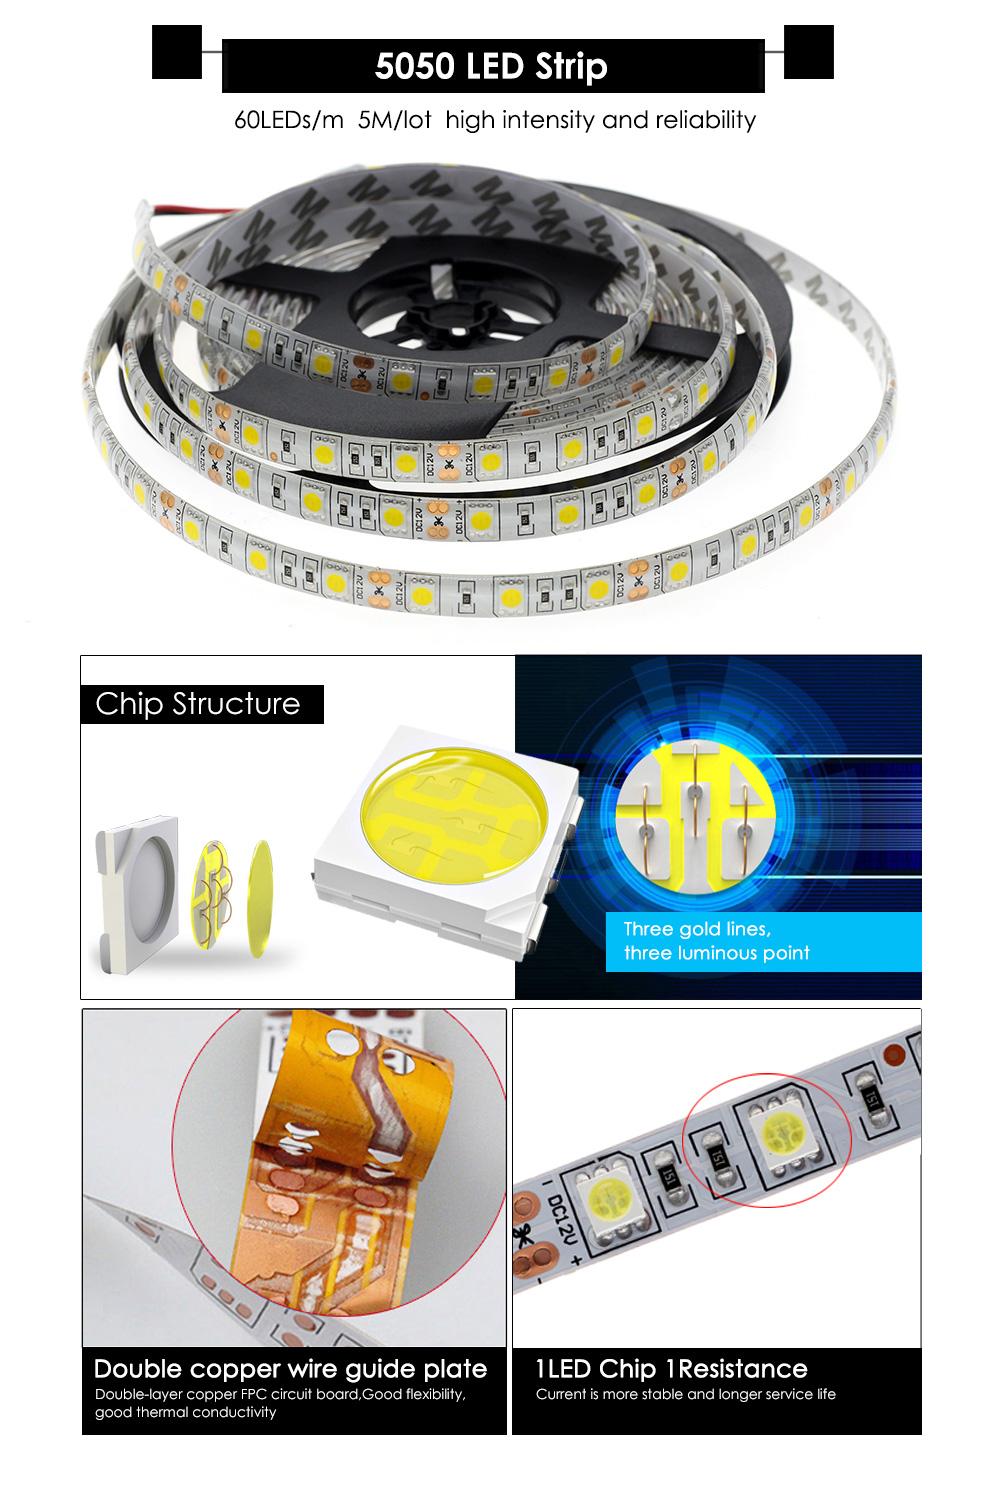 FEICAN LED Strip 5050 DC12V 60LEDs/m 5m/lot Flexible LED Light RGB RGBW 5050 LED Strip